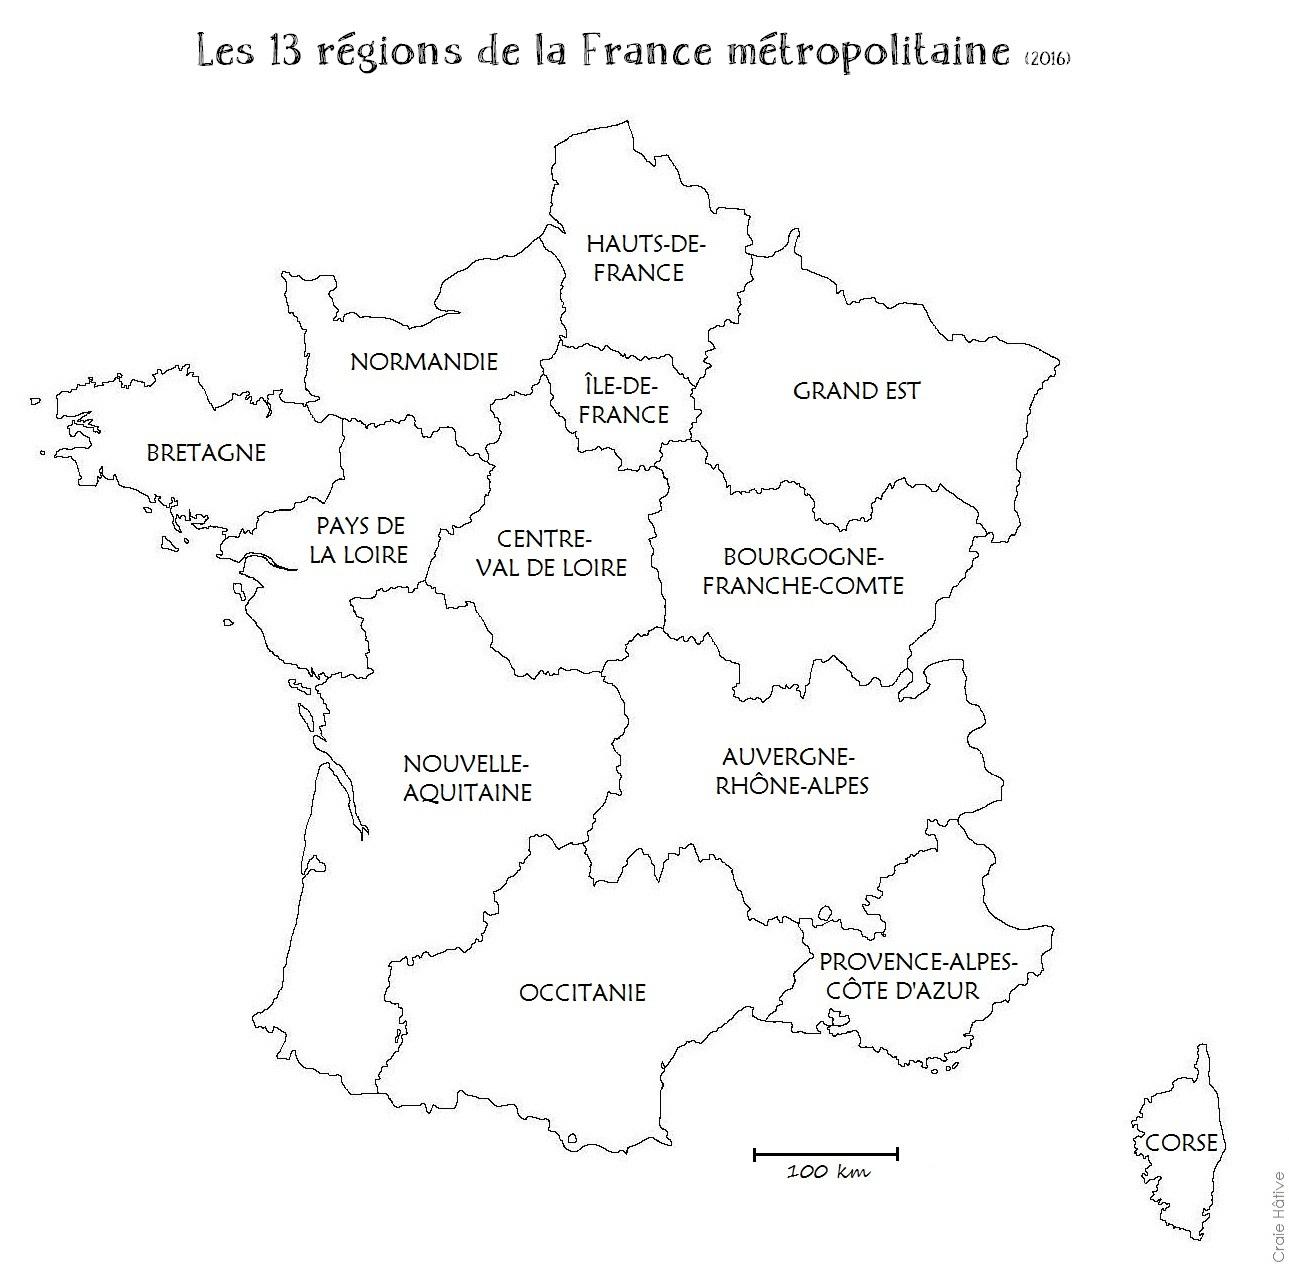 Cartes Des Régions De La France Métropolitaine - 2016 dedans Carte De France A Remplir